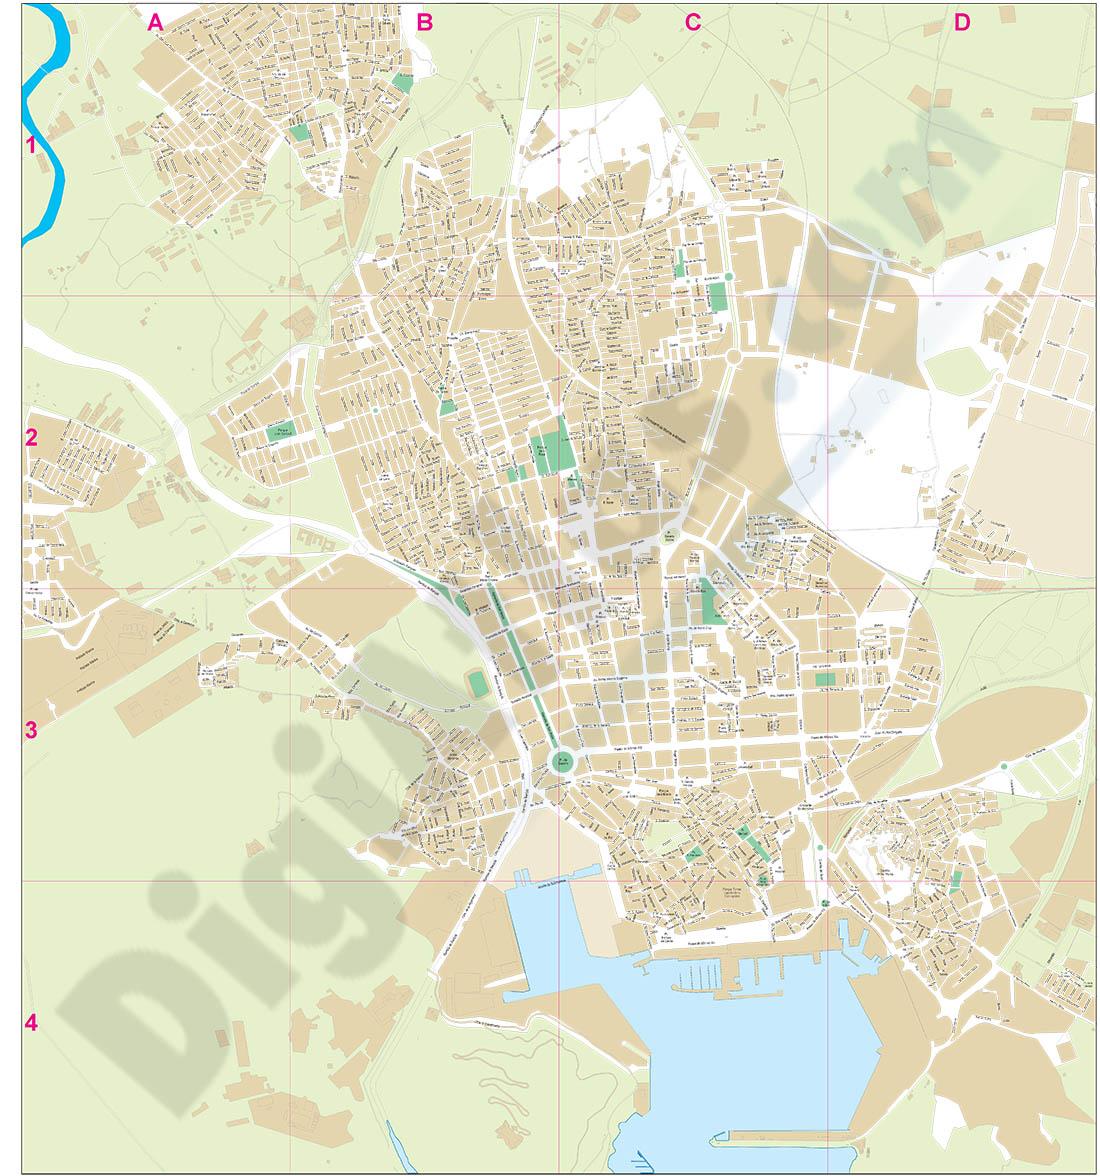 Cartagena - plano callejero del centro